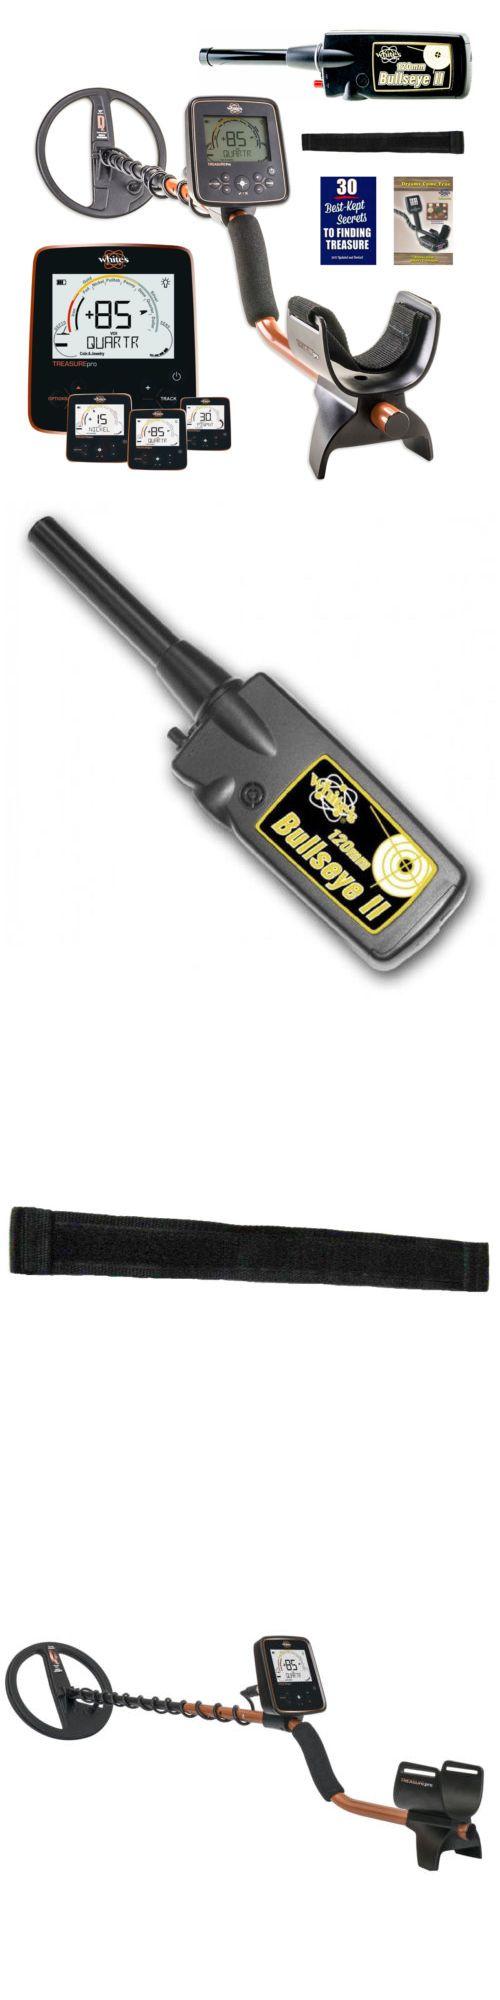 Metal Detectors: Whites Treasurepro Metal Detector With 10 Dd Waterproof Coil And Bullseye Ii -> BUY IT NOW ONLY: $369 on eBay!